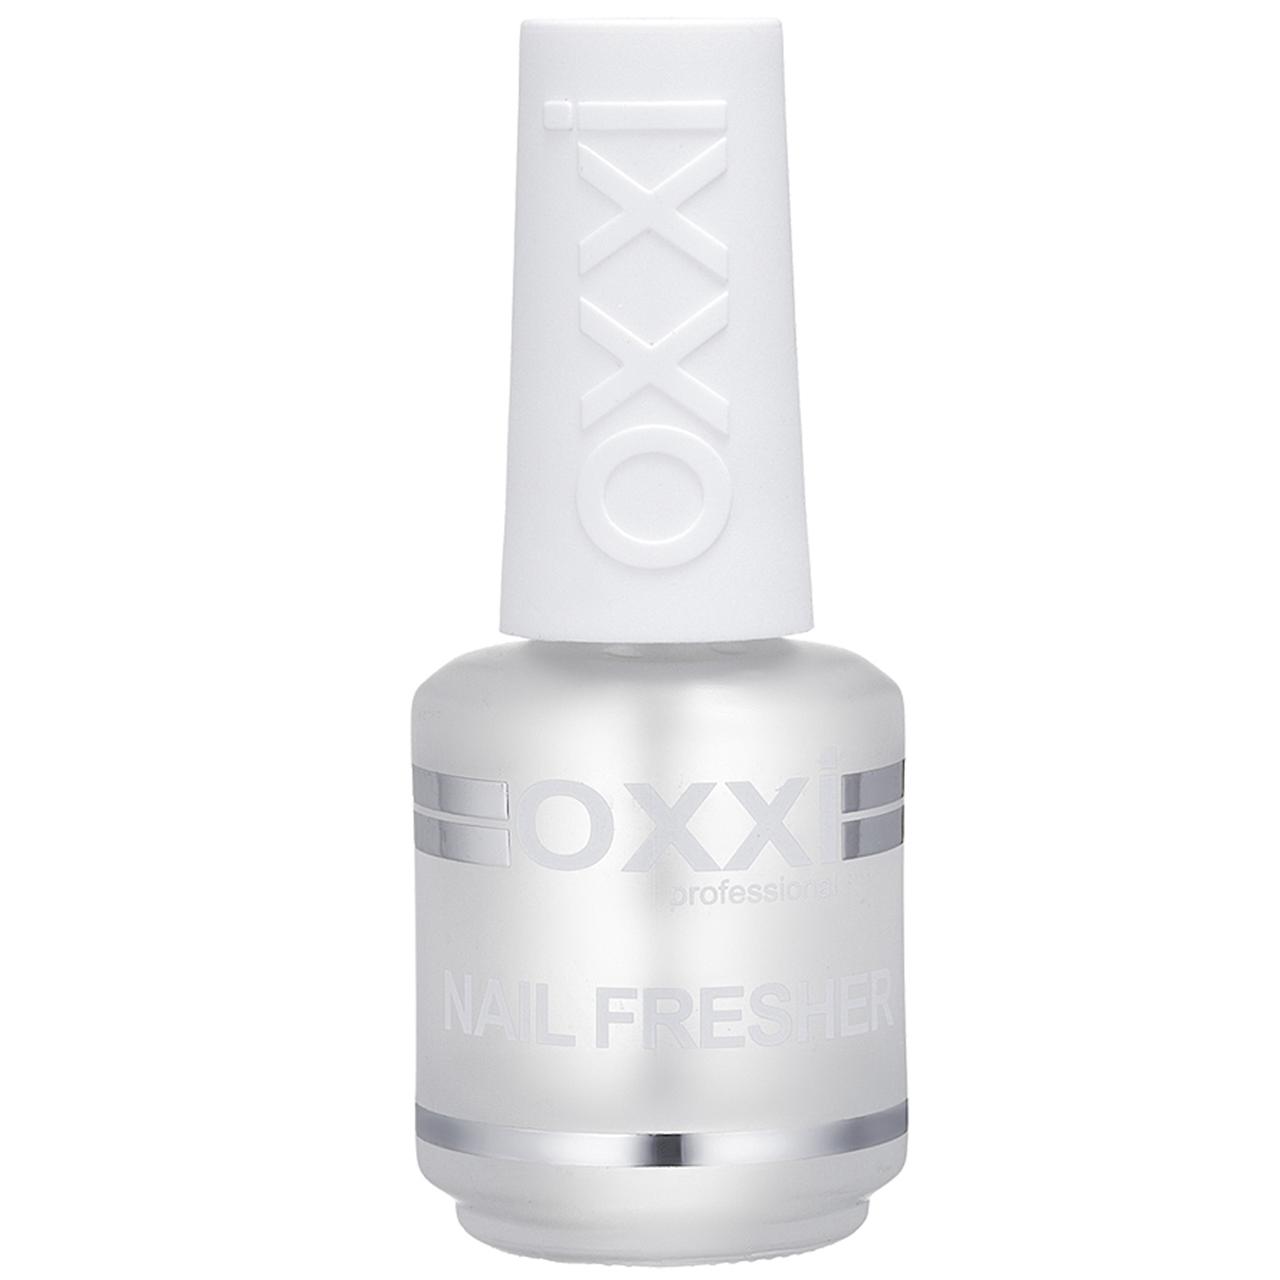 Знежирювачах Nail Свіже Oxxi Professional, 15 мл